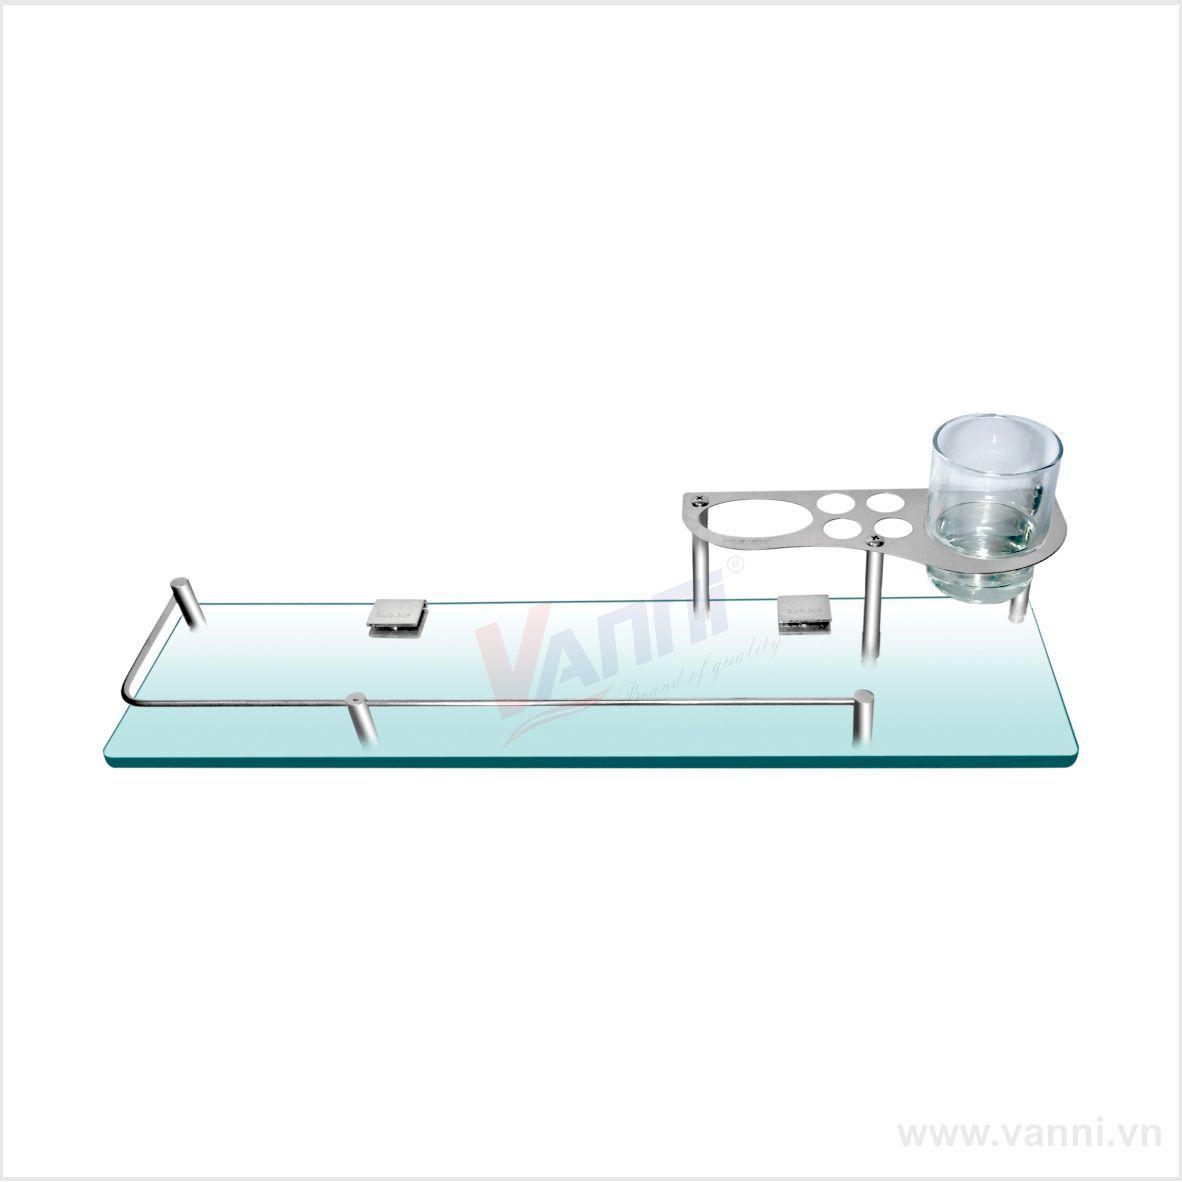 Kệ kính inox 304 VN-03 Vanni  Vanni | Giá rẻ nhất - Công Ty TNHH Thương Mại Dịch Vụ Đạt Tâm